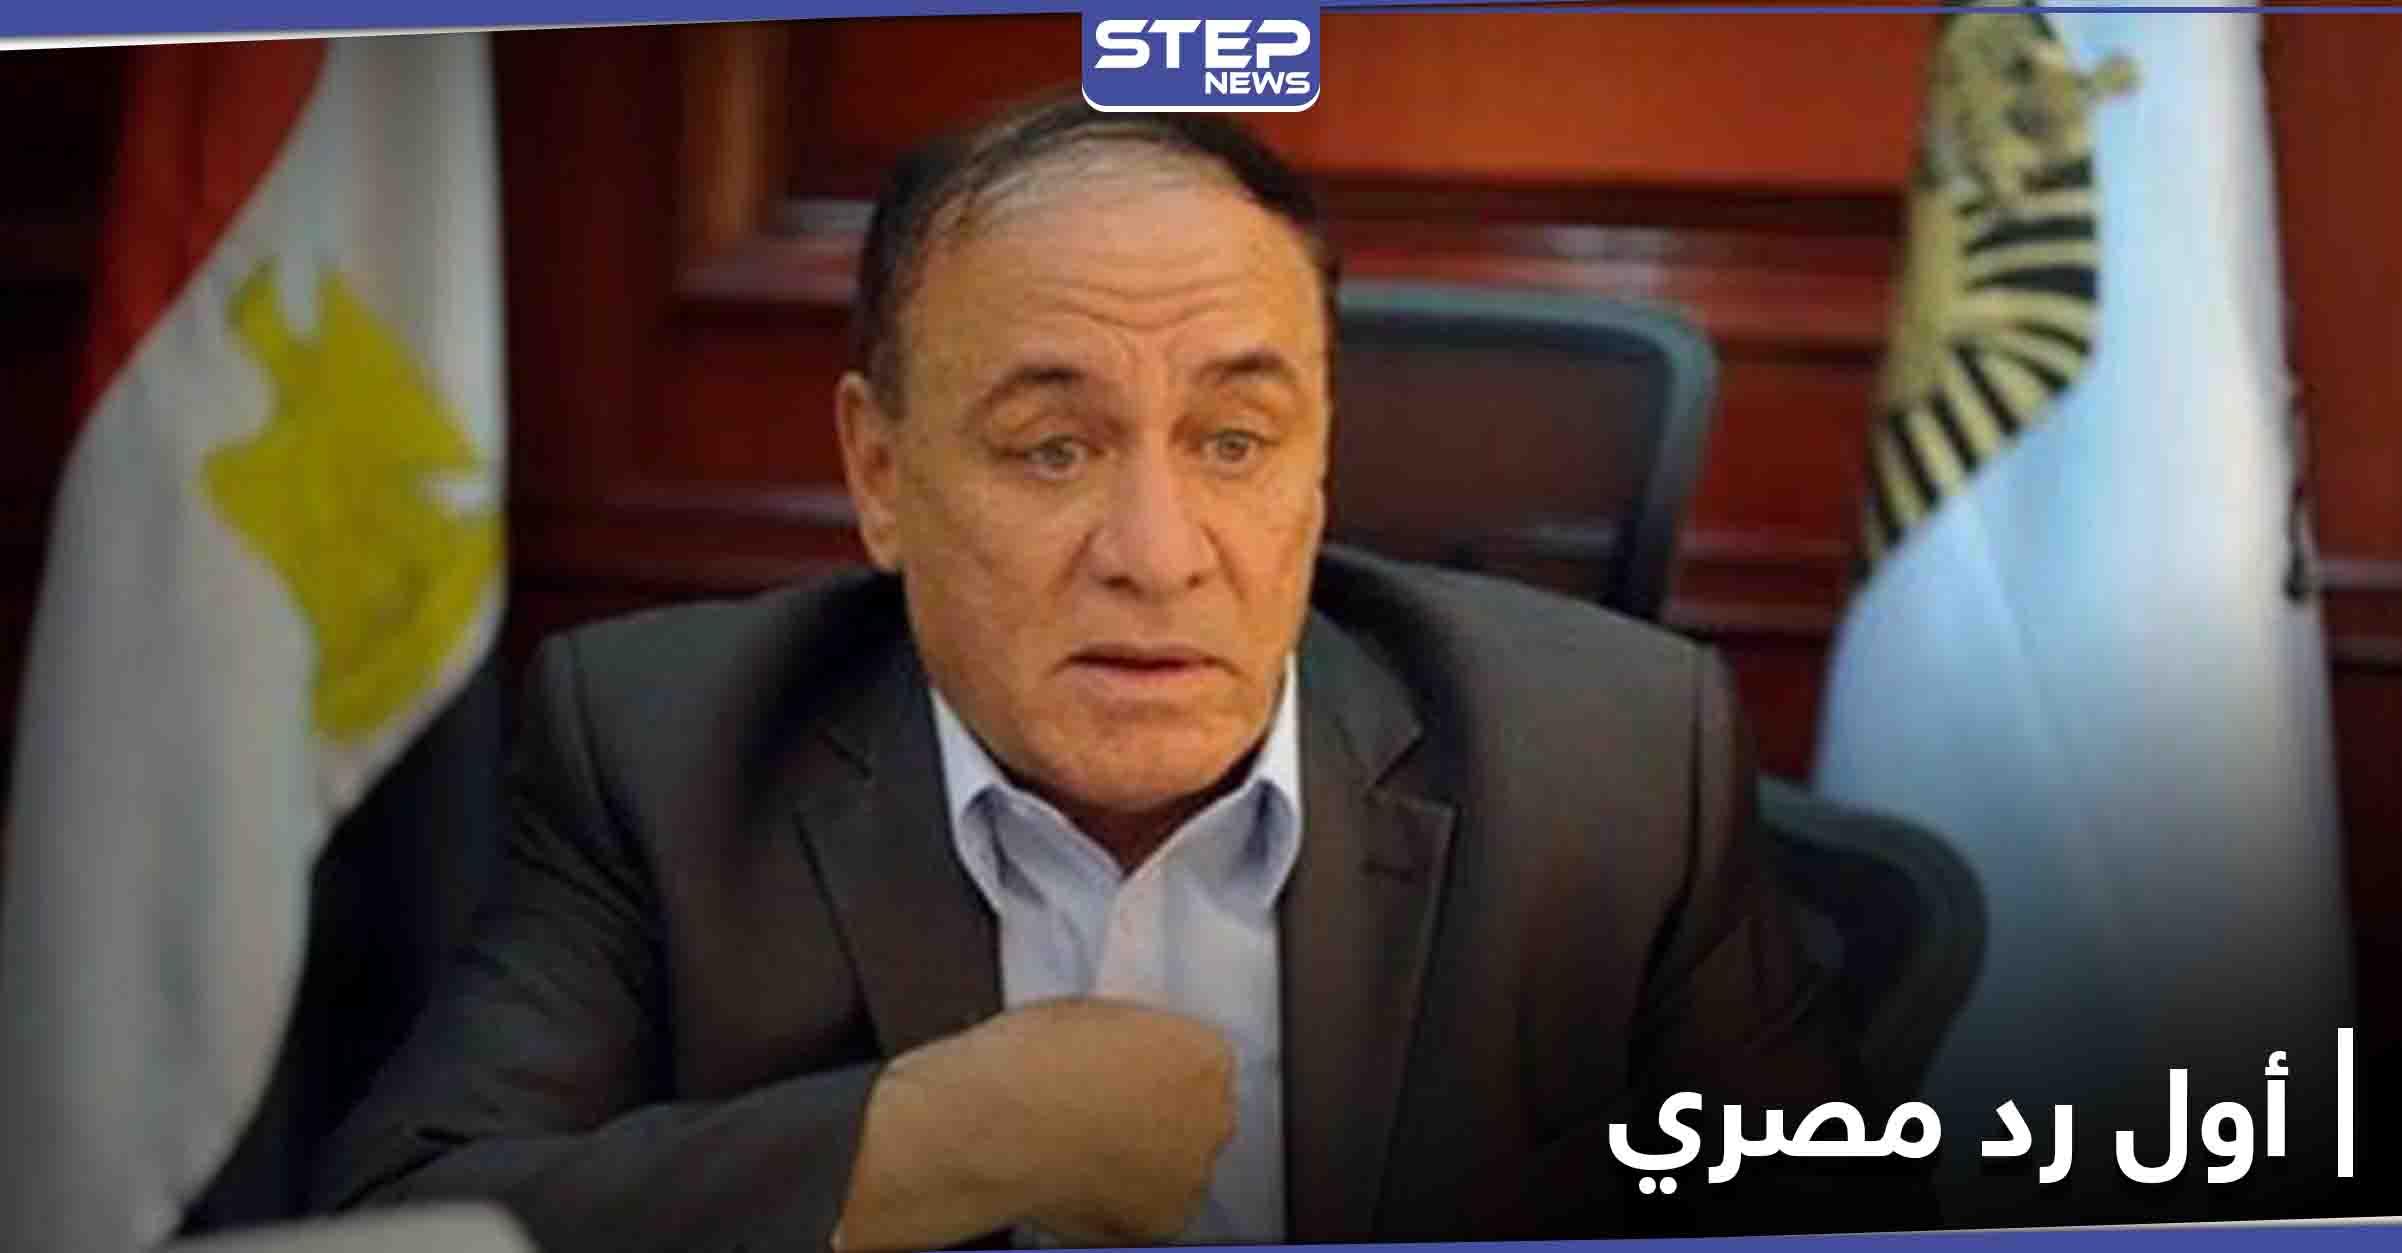 أول رد مصري على تهمة شراء أسلحة روسية بأموال المساعدات الأمريكية